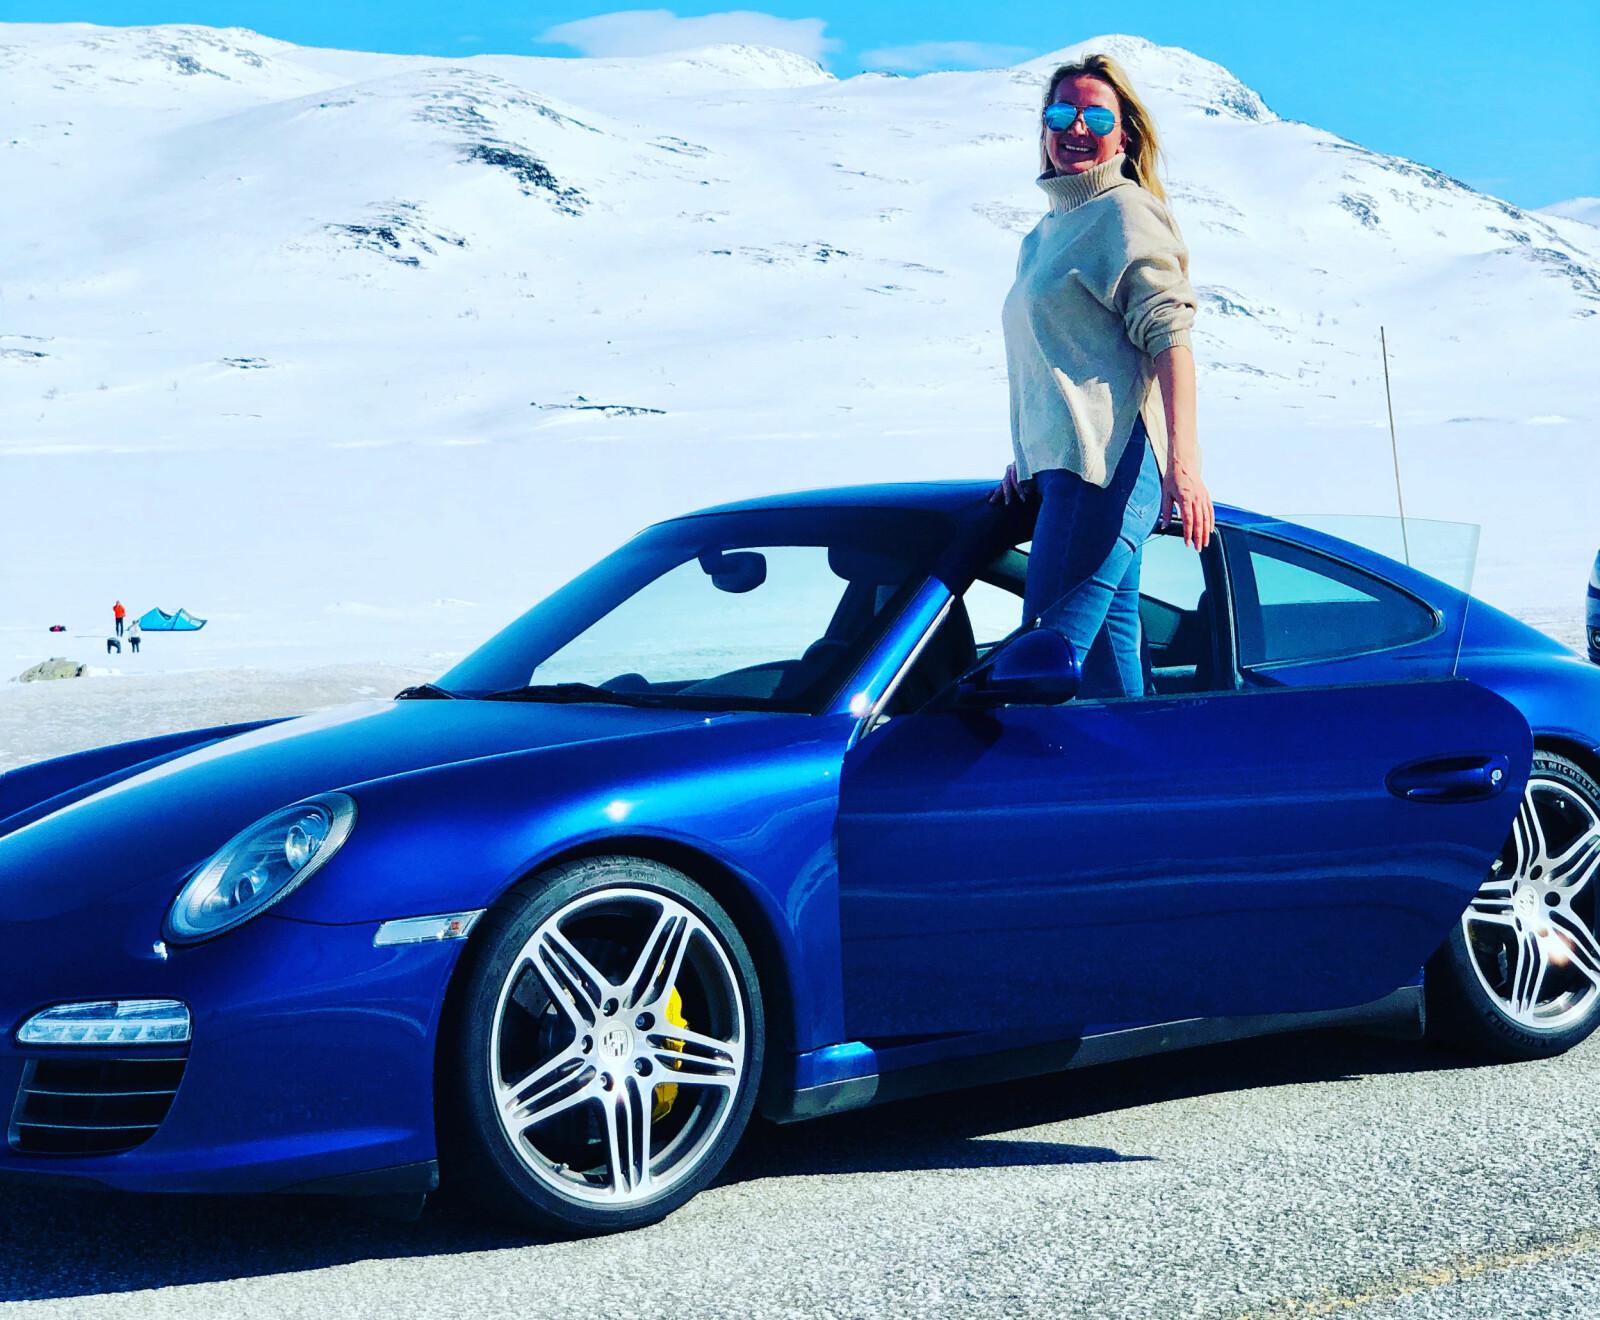 <b>PÅ HØYDEN: </b>Kimen til Kari Huebners Porsche-pasjon startet da hun som 18-åring bodde i Østerrike og observerte den aldrende Louise Piech, datteren til Ferdinand Porsche, i en flott sølvgrå 911.